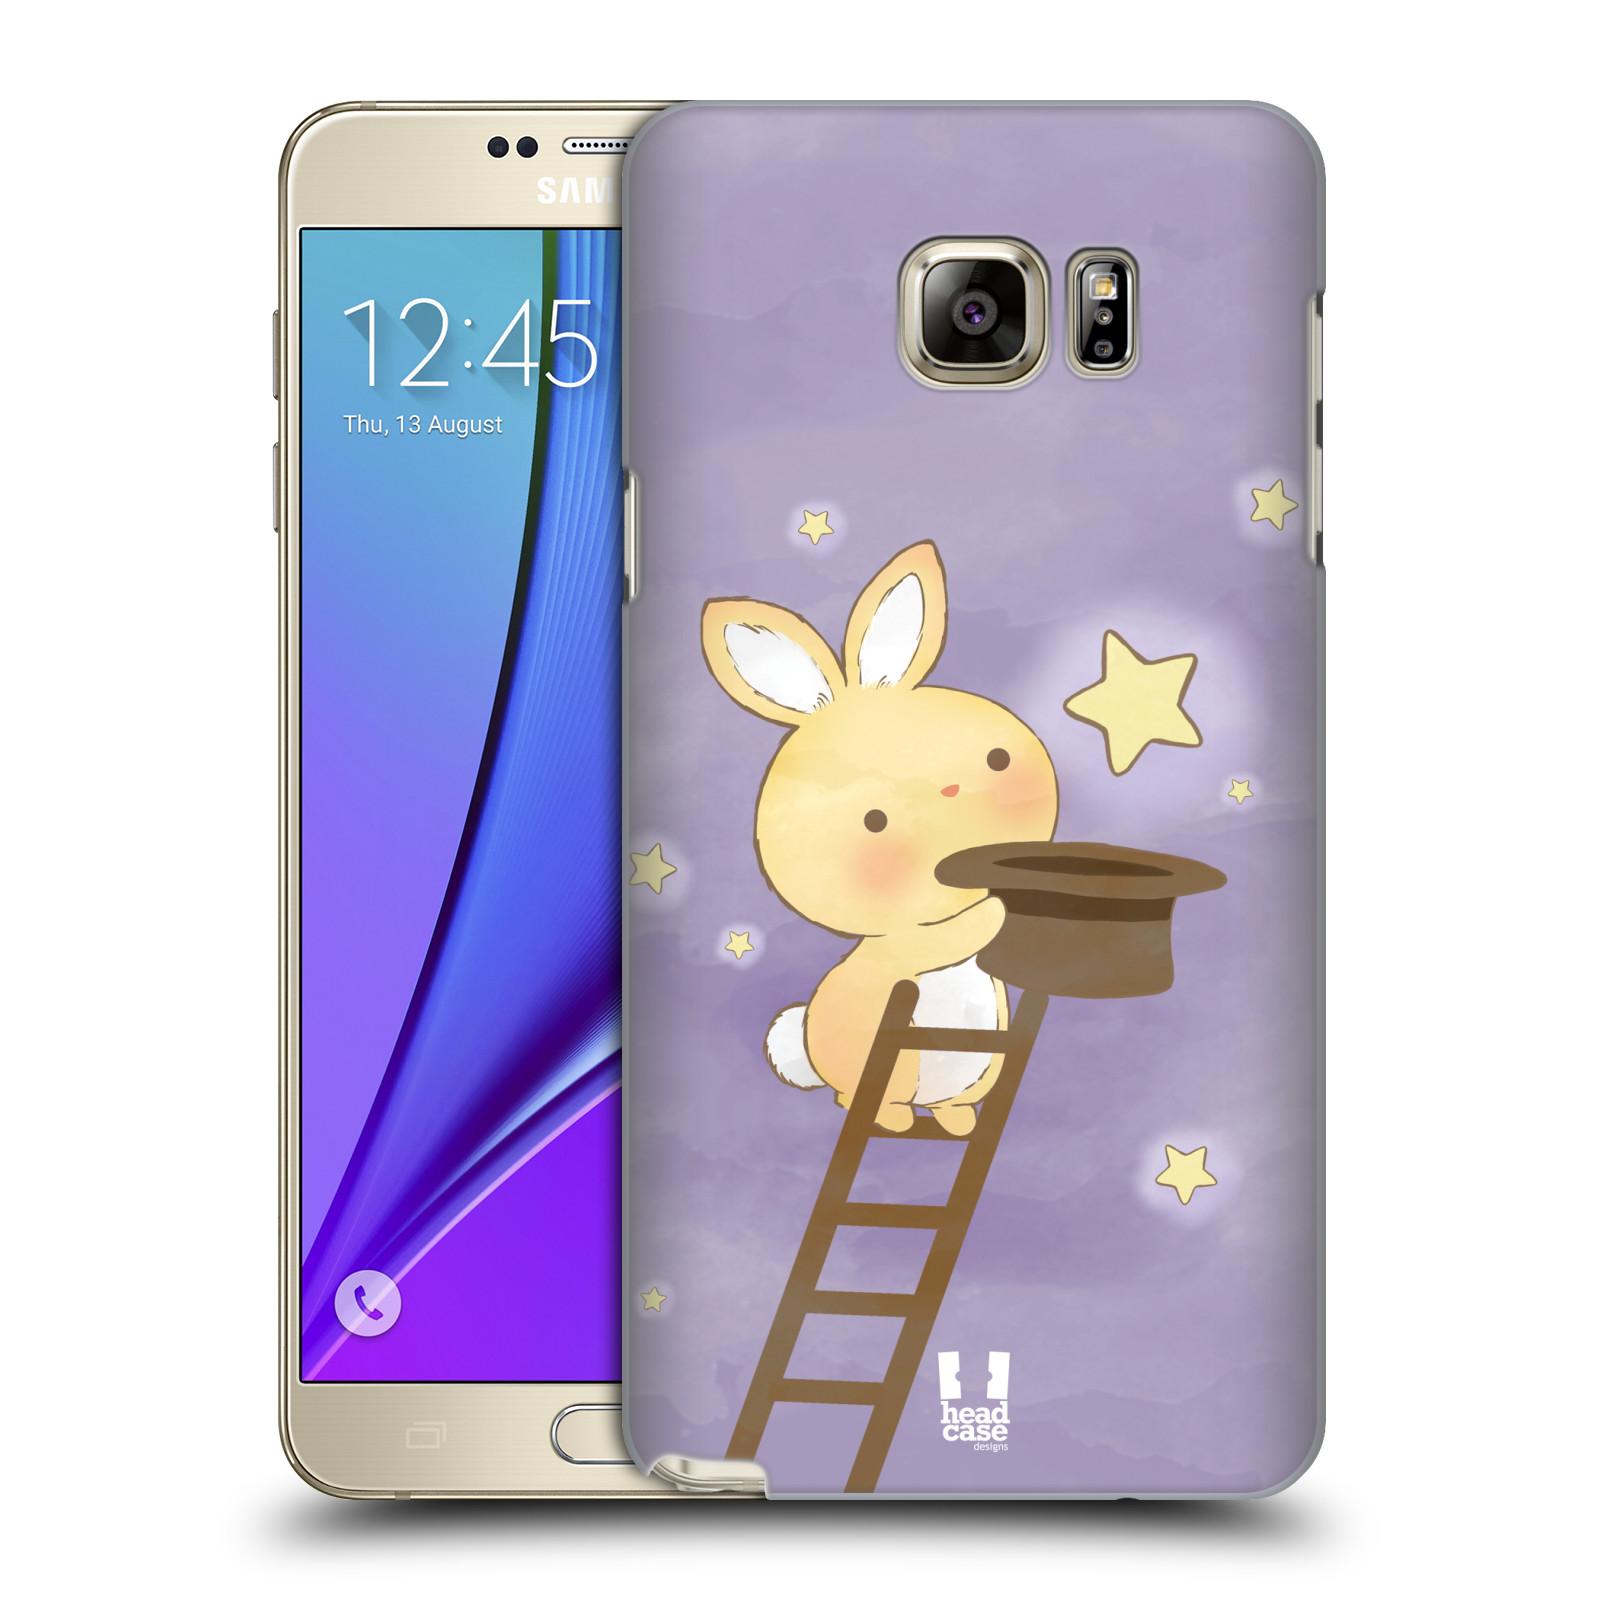 HEAD CASE plastový obal na mobil SAMSUNG Galaxy Note 5 (N920) vzor králíček a hvězdy fialová